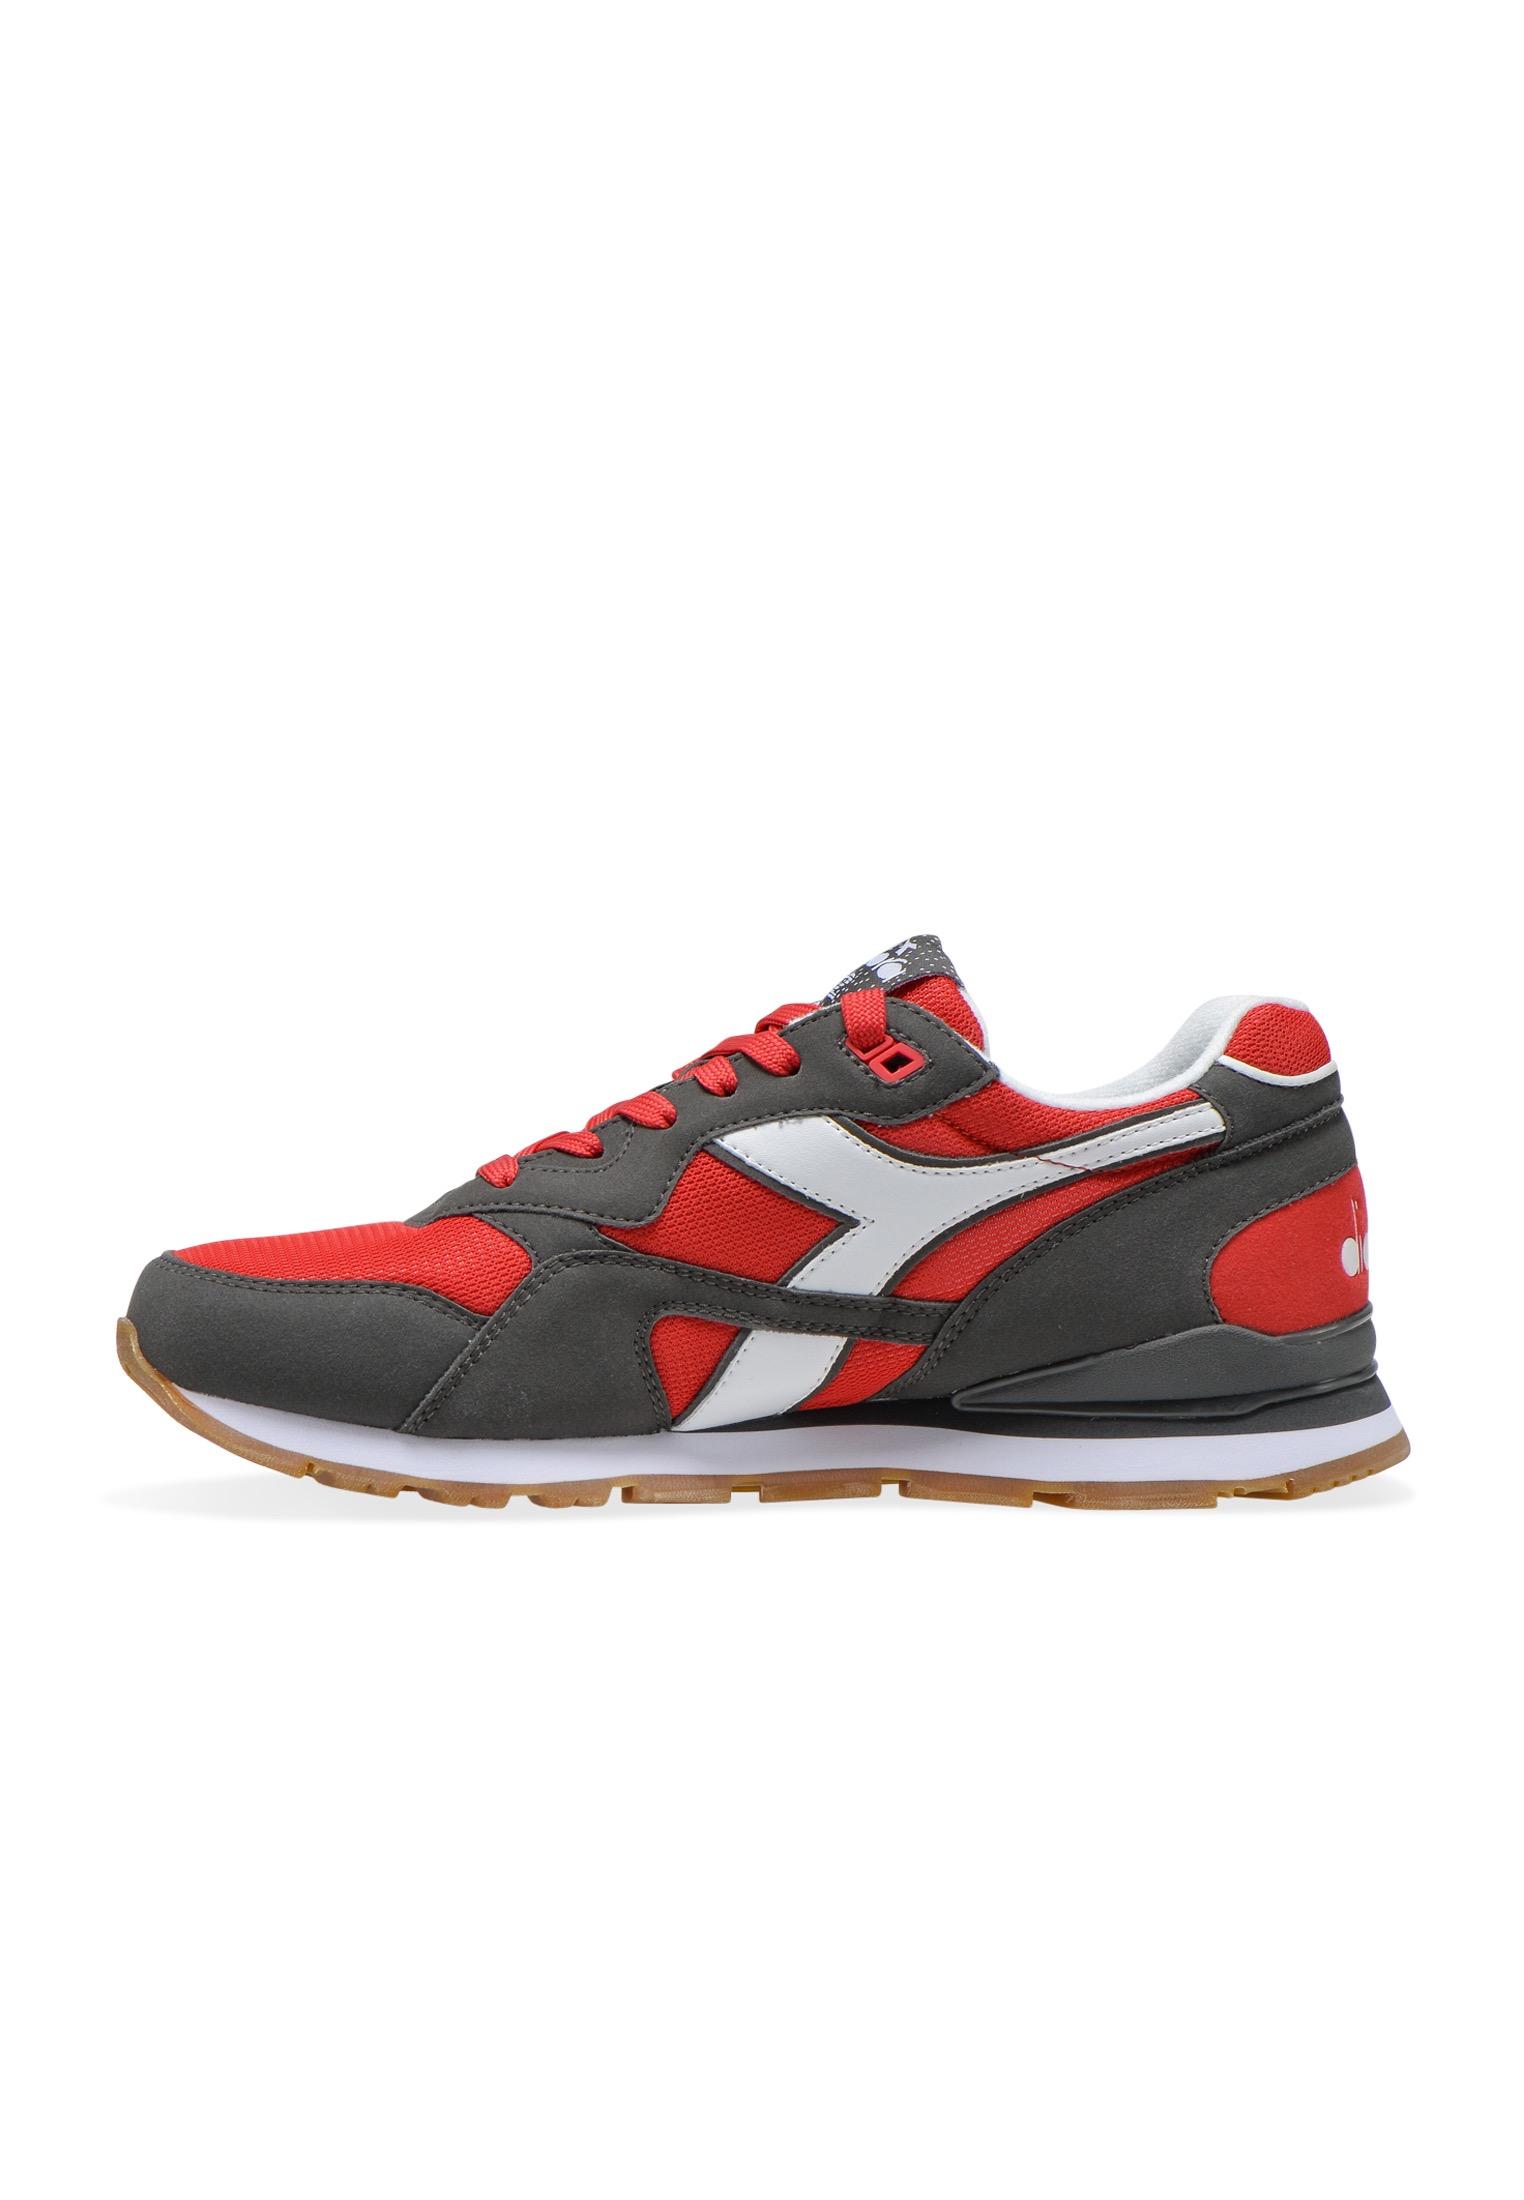 miniatura 9 - Diadora - Sneakers N.92 per uomo e donna